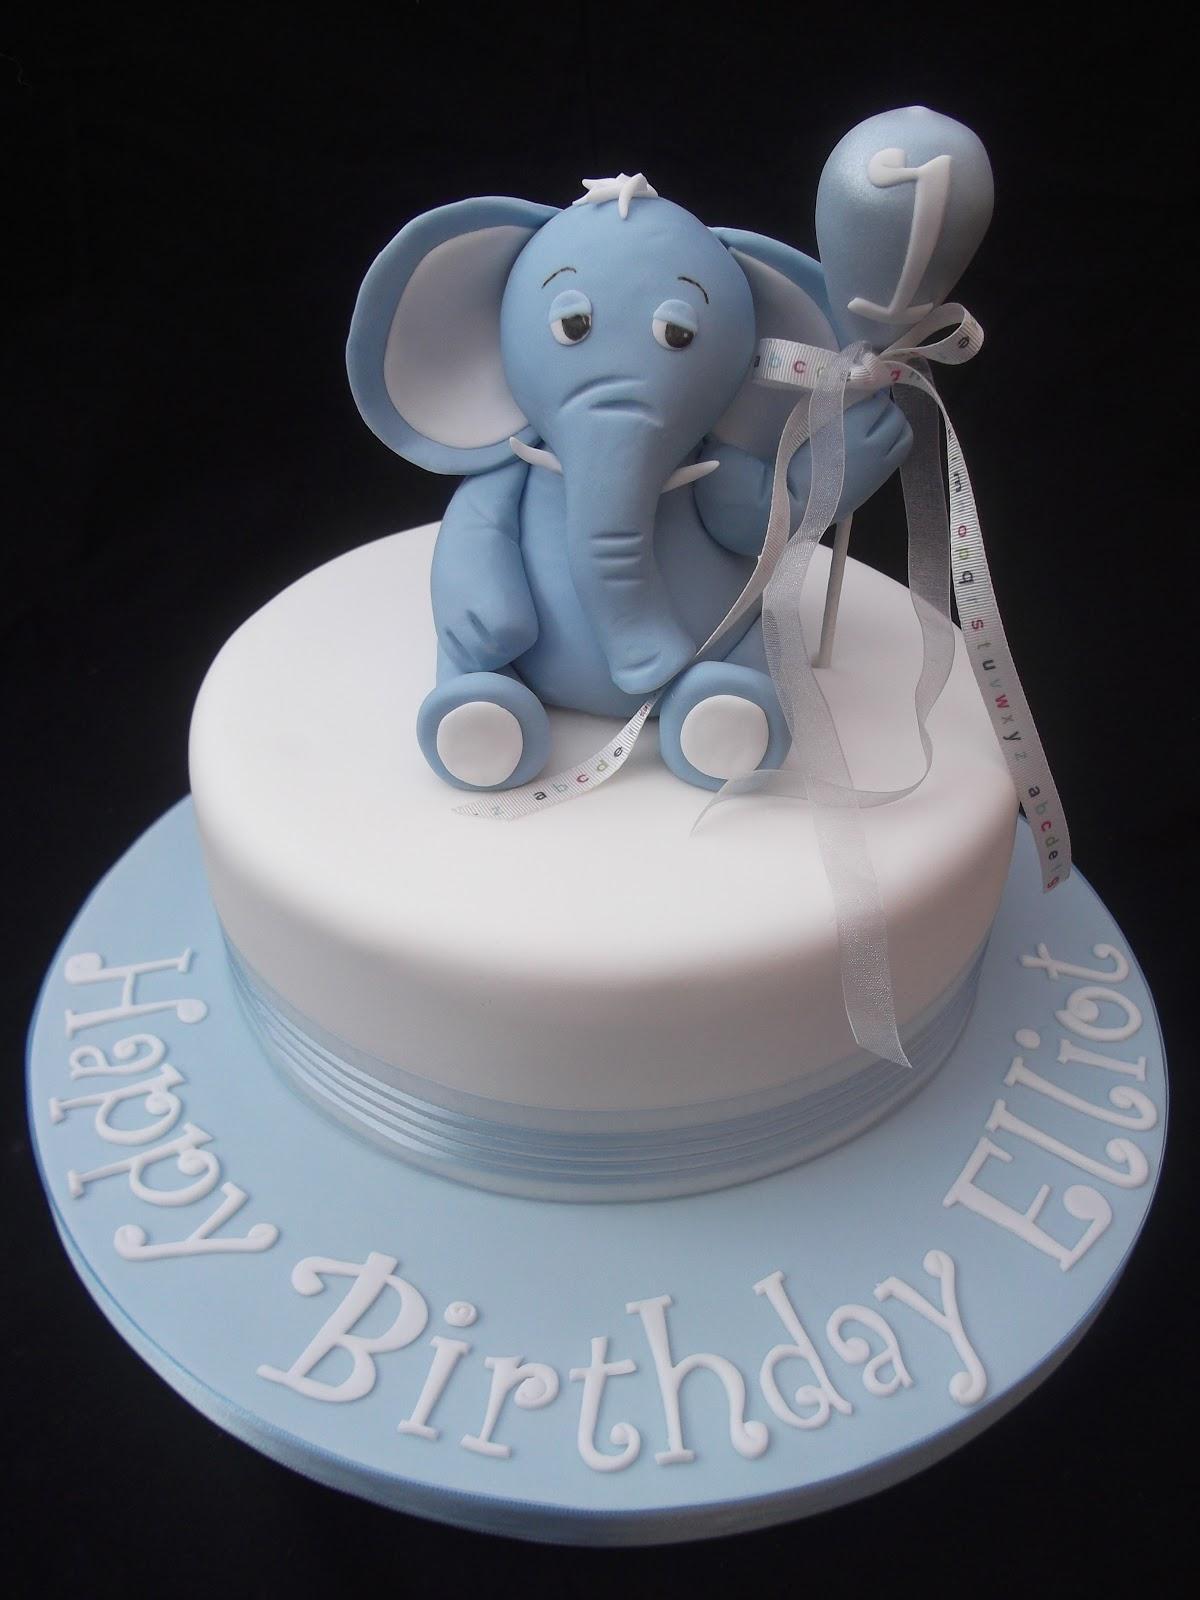 Baby Boy Birthday Cake Elephant Image Inspiration of Cake and